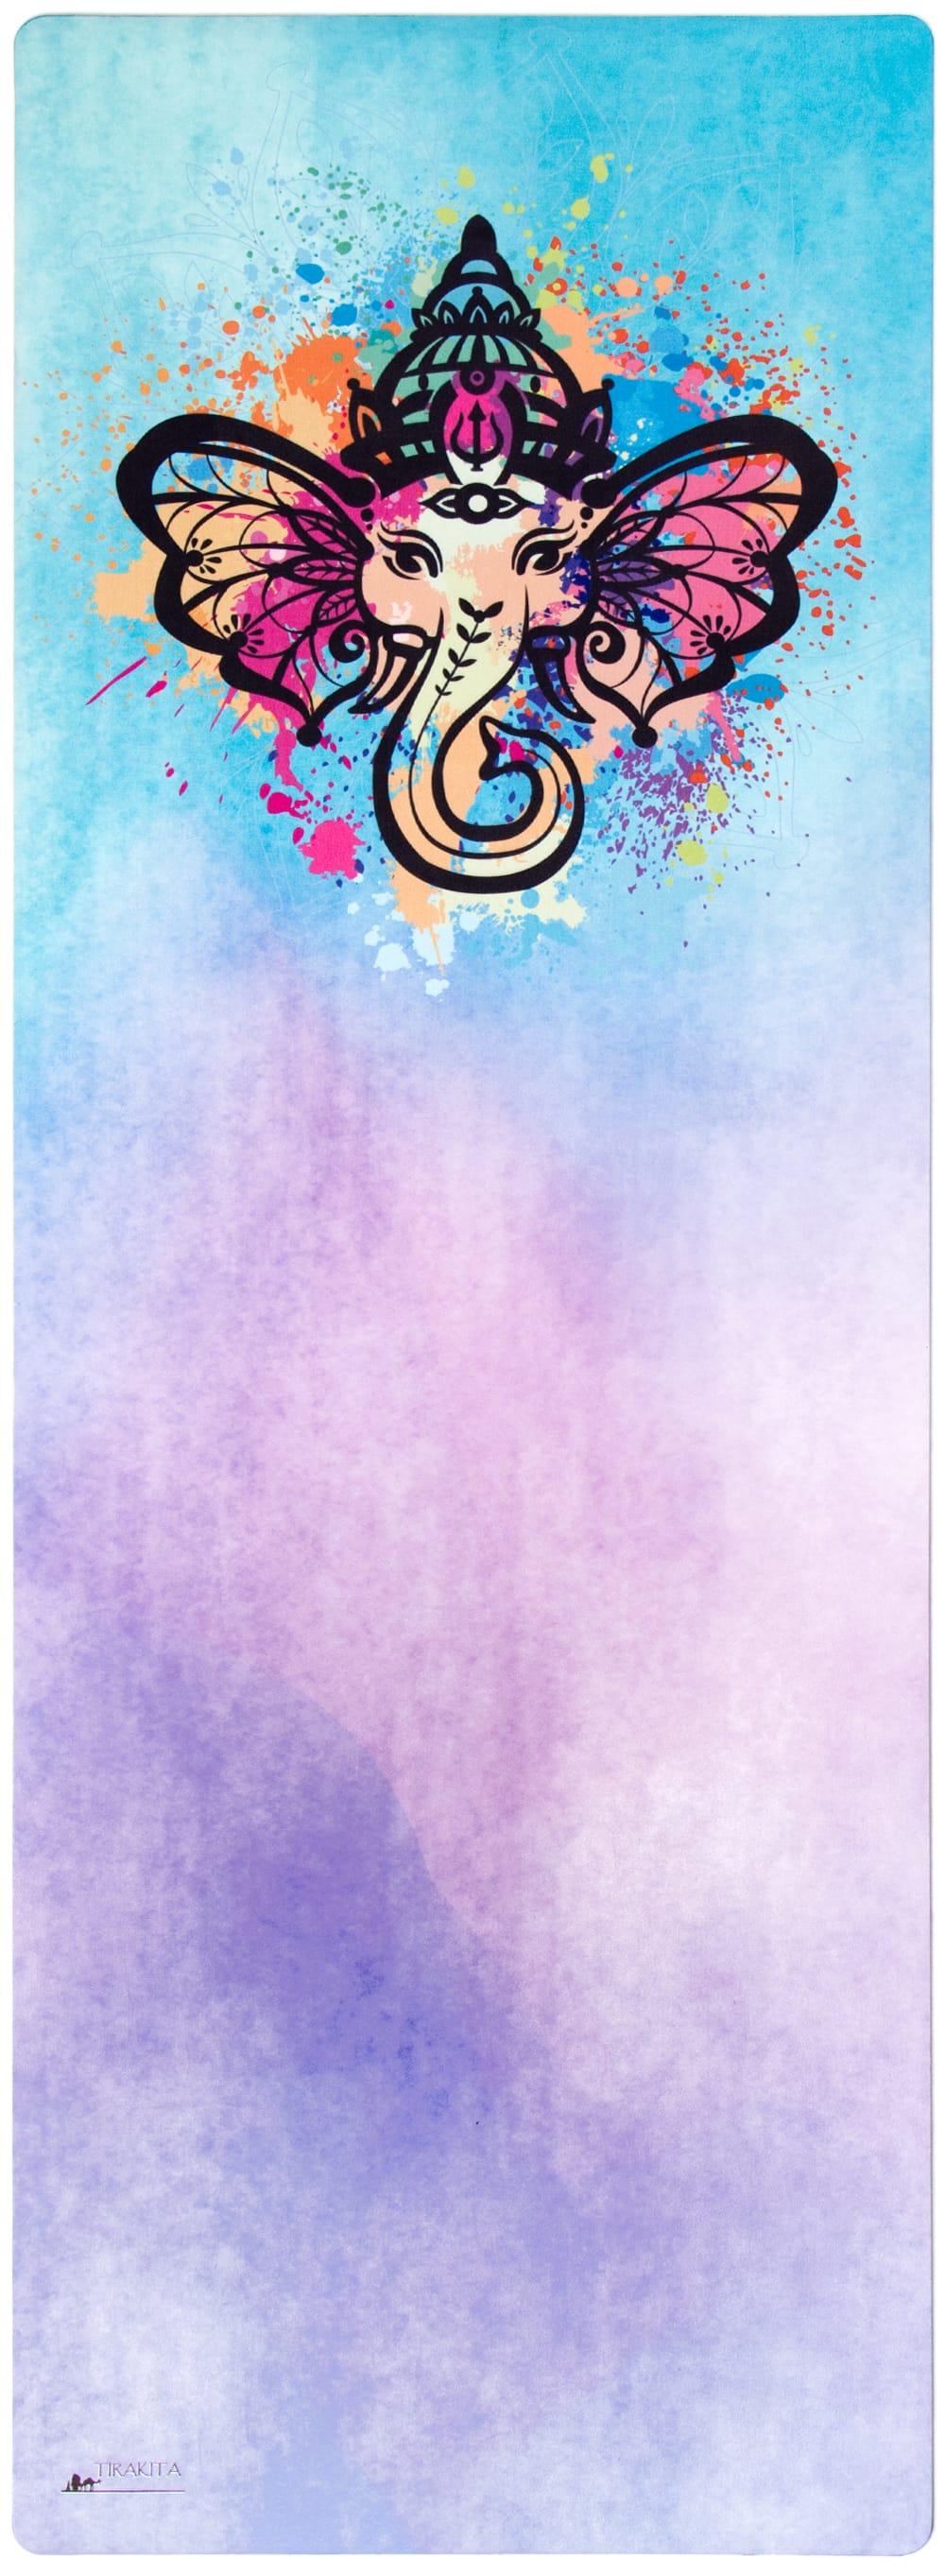 (天然ゴム)高品質エスニックヨガマット4mm - 水彩ガネーシャ 2 - エスニックなデザインが上品で可愛らしいです!